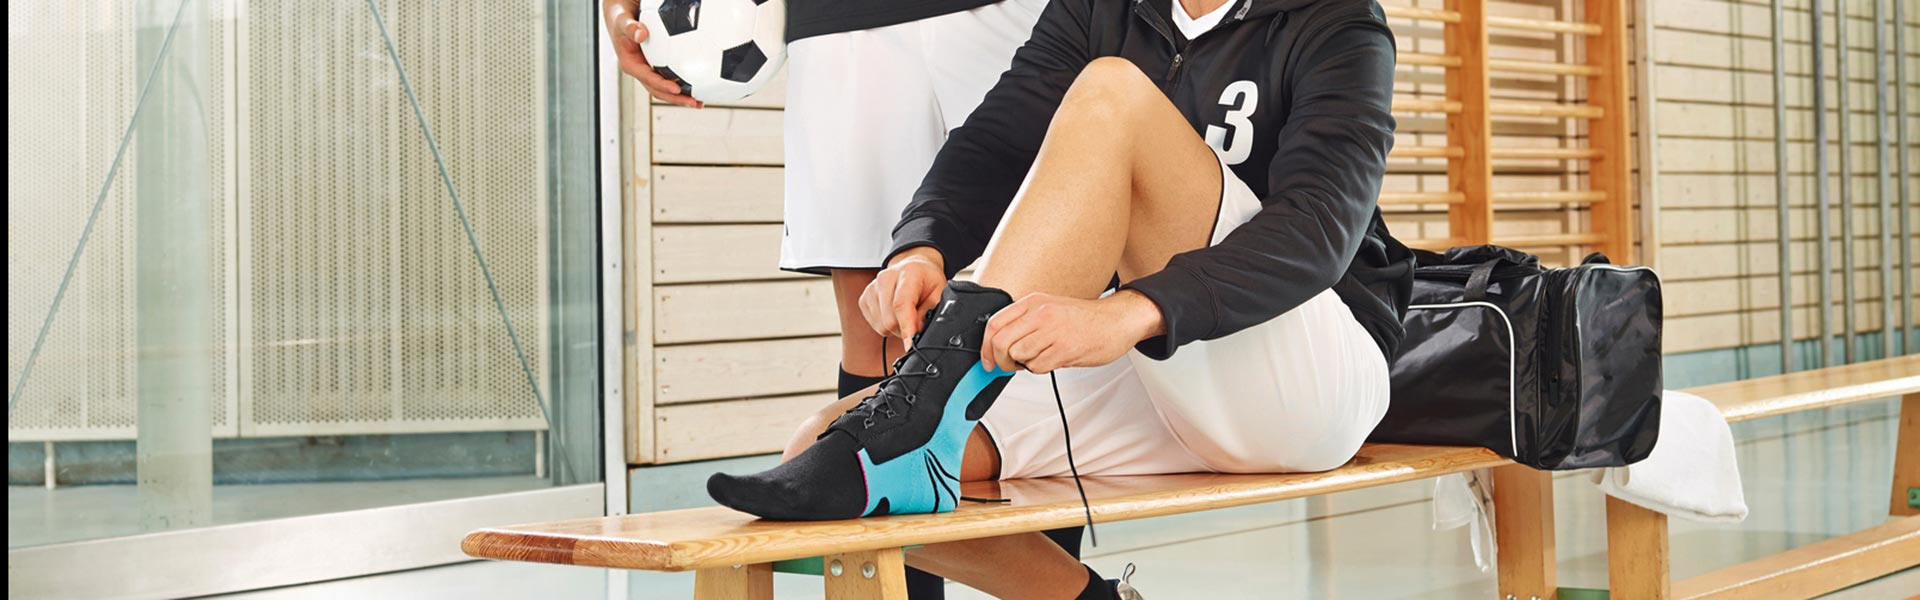 Orthopädie-Schuhtechnik Schwörer in Neustadt- mehr Sicherheit beim Sport